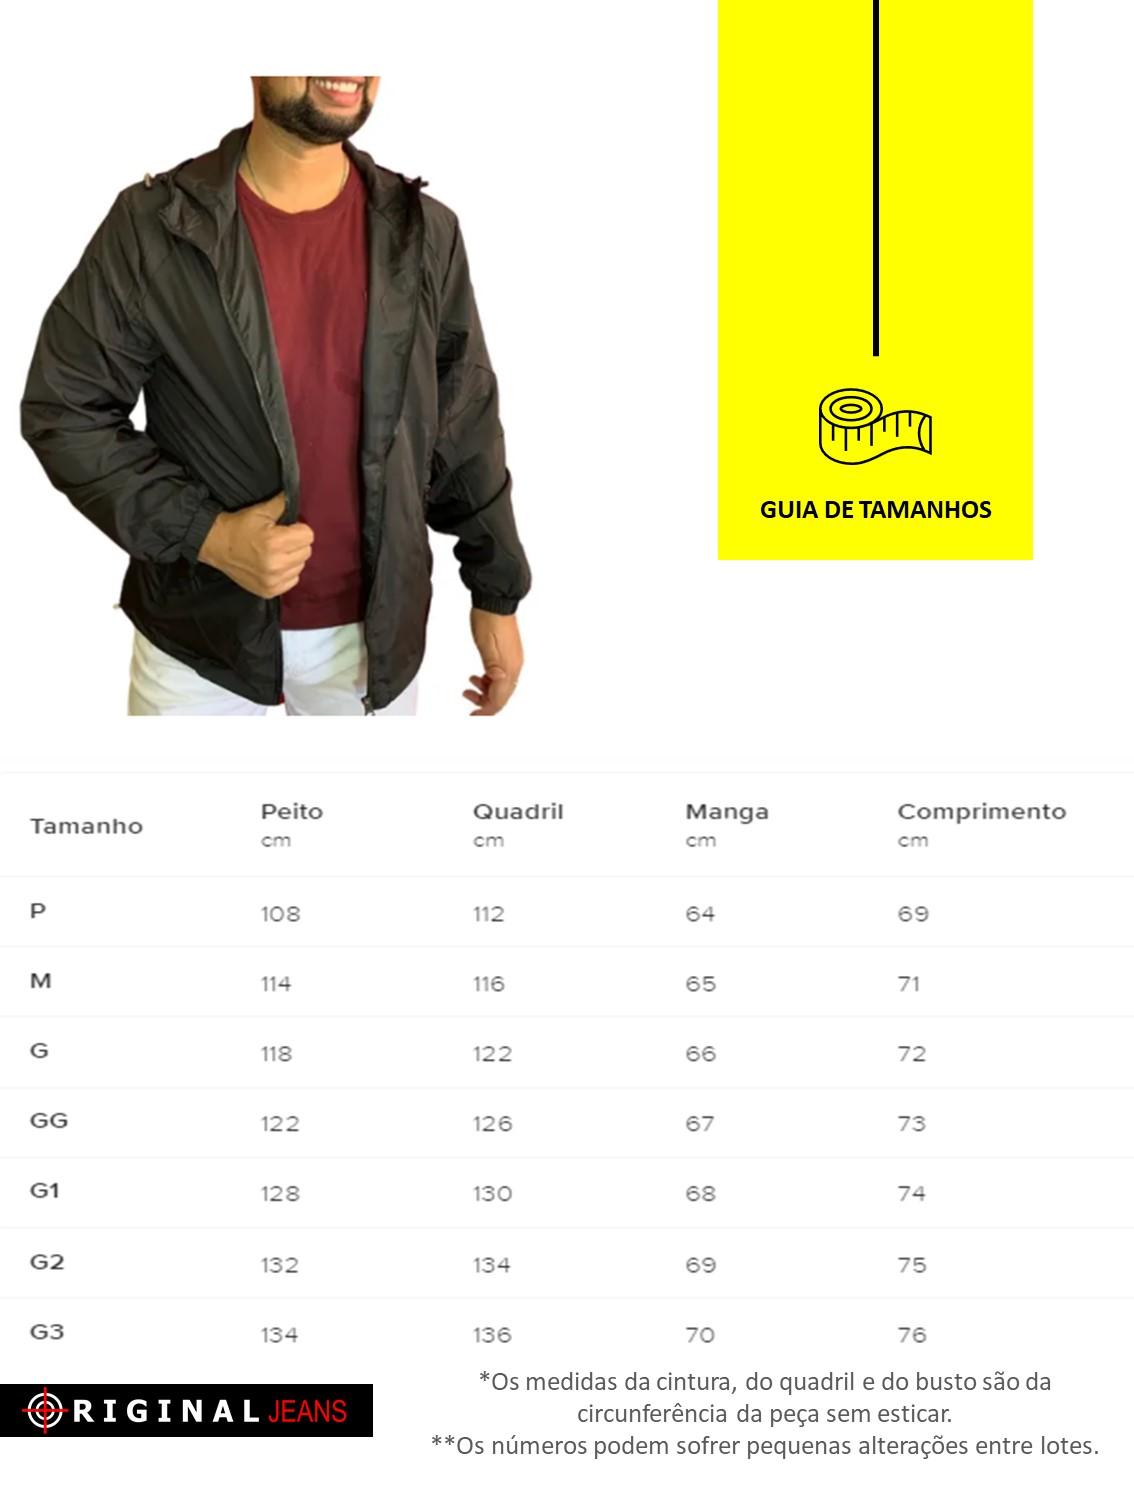 Jaqueta Masculina Broken Rules & Delkor 588006 580045